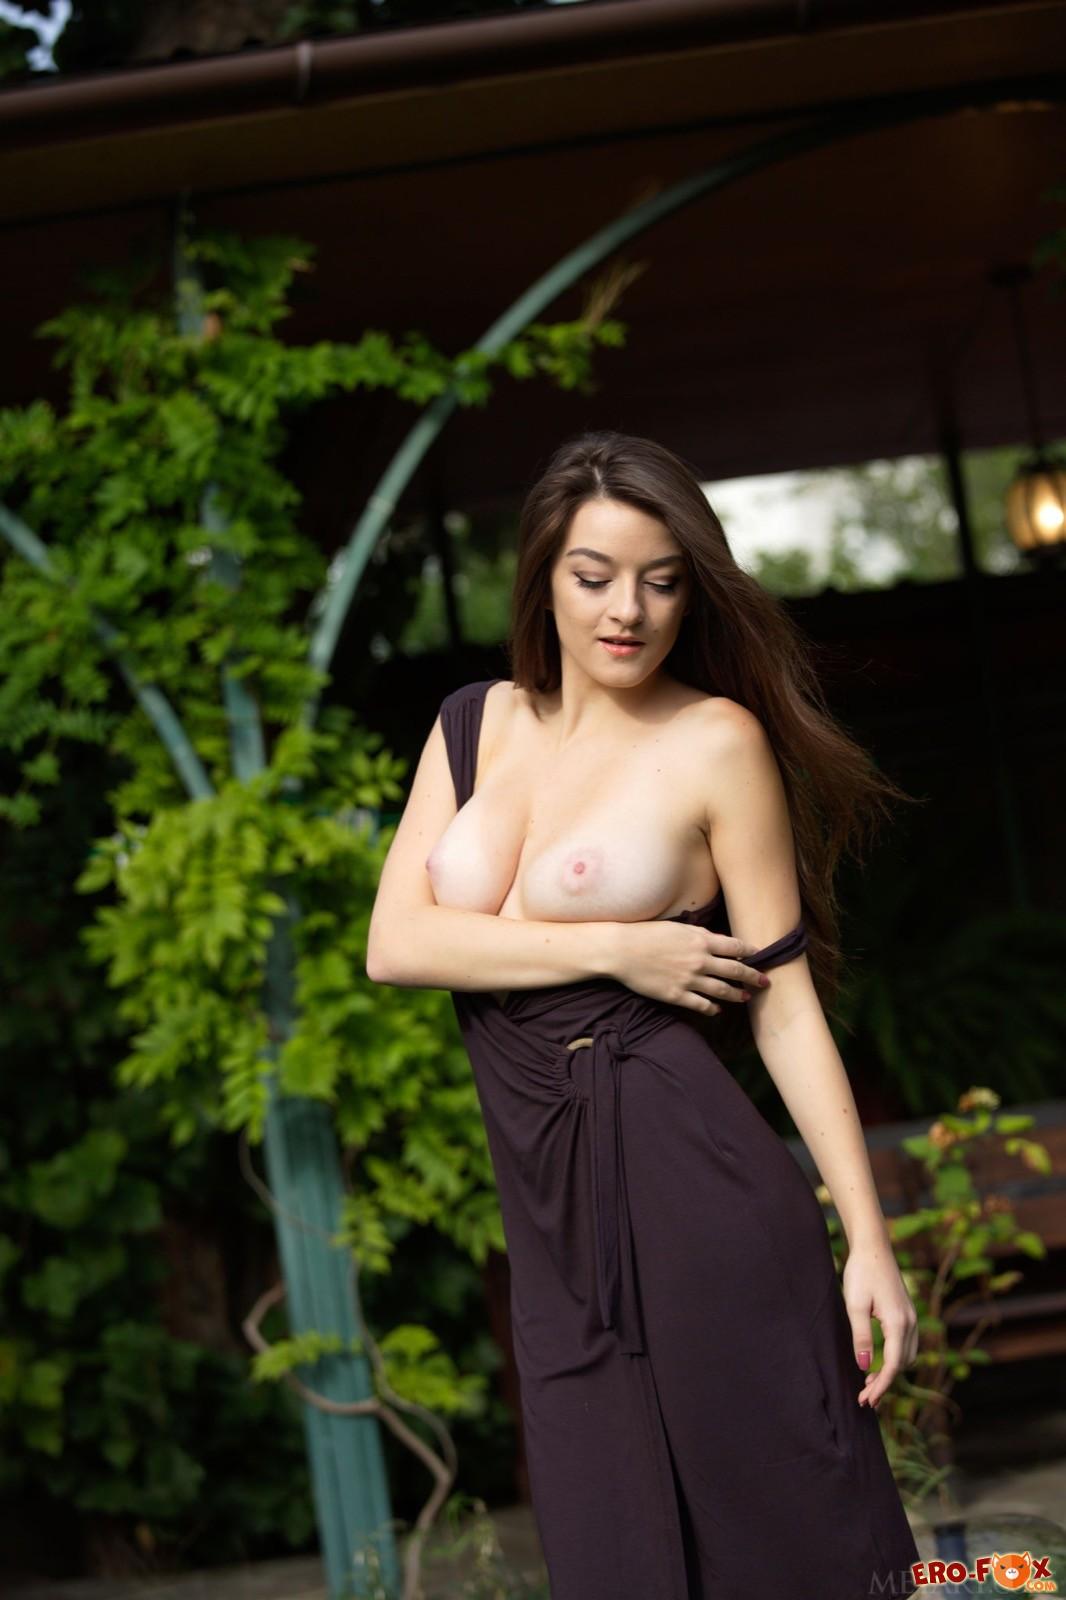 Очаровательная девица с крупной грудью сняла платье